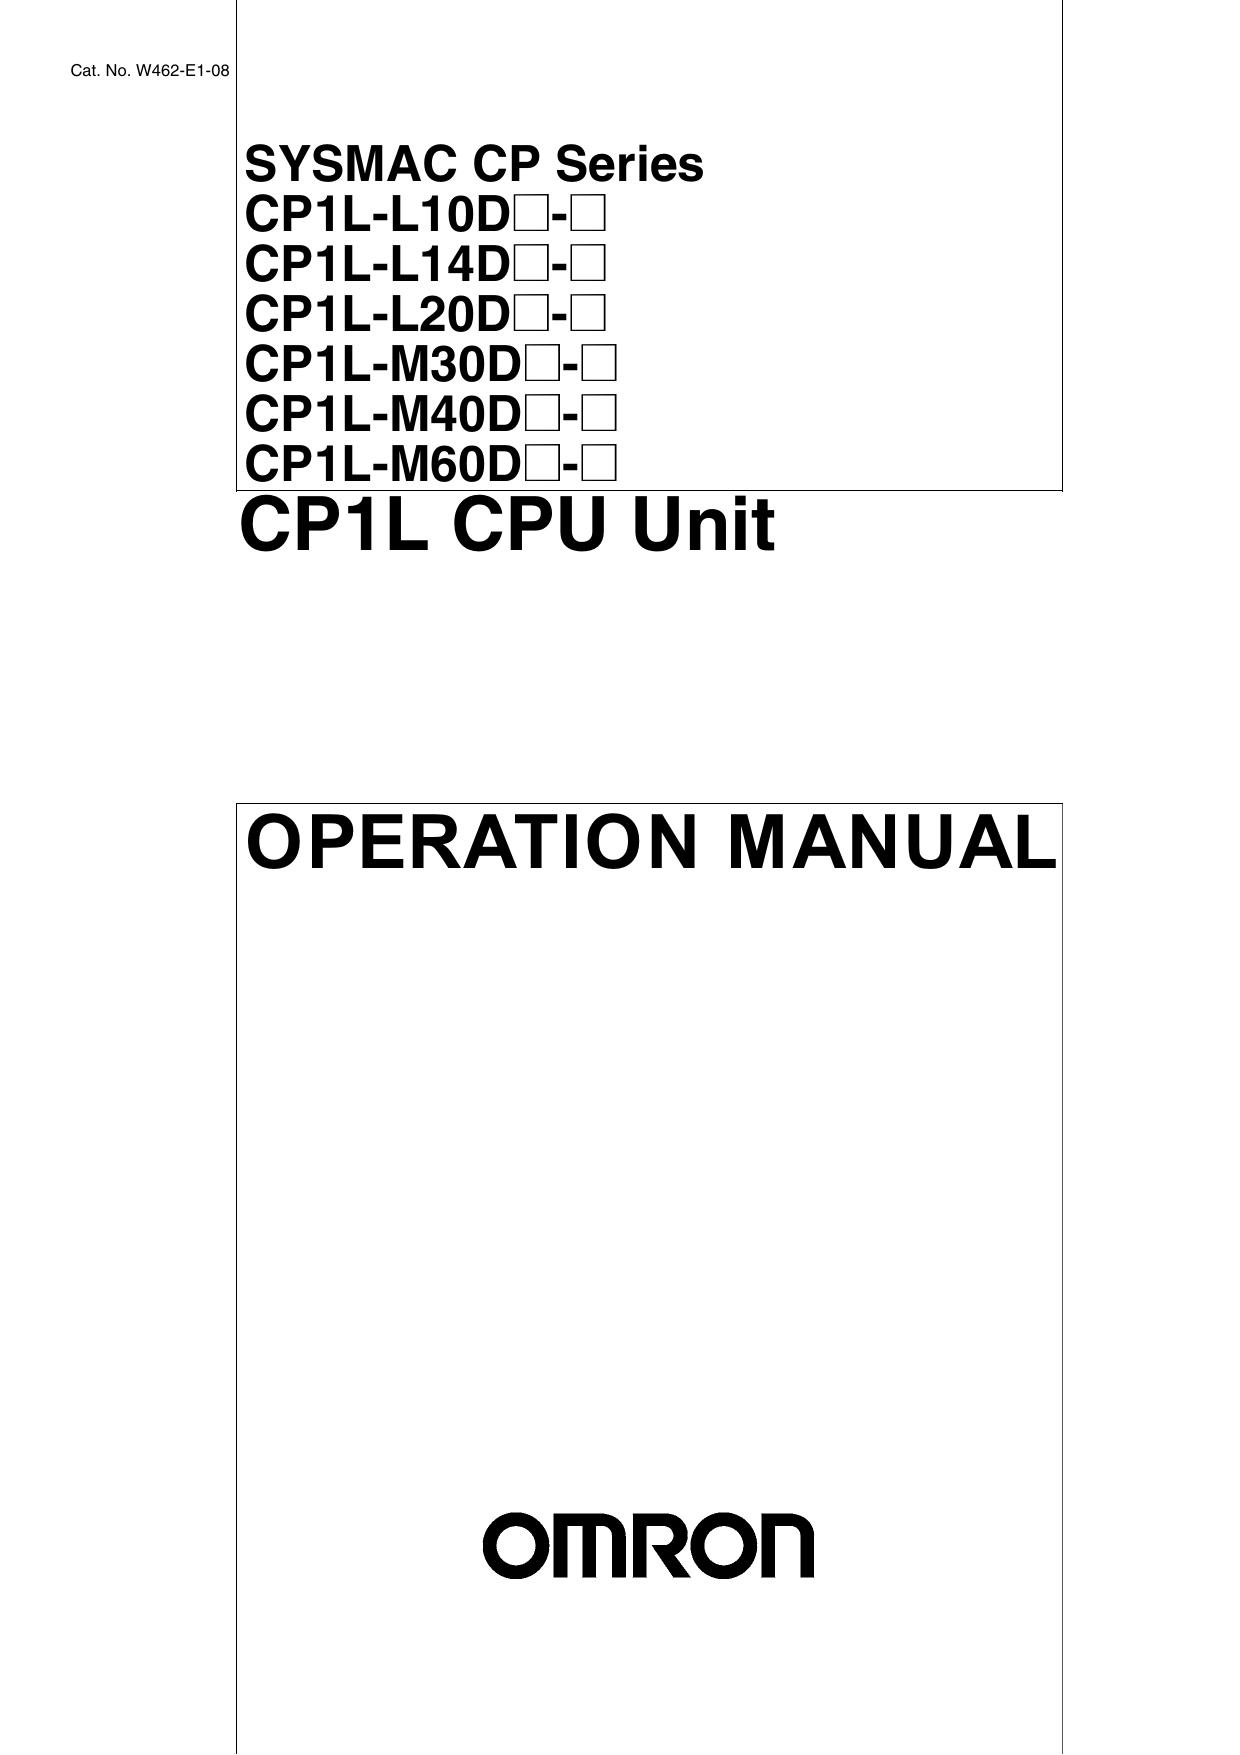 SYSMAC CP Series CP1L CPU Unit OPERATION MANUAL   manualzz com